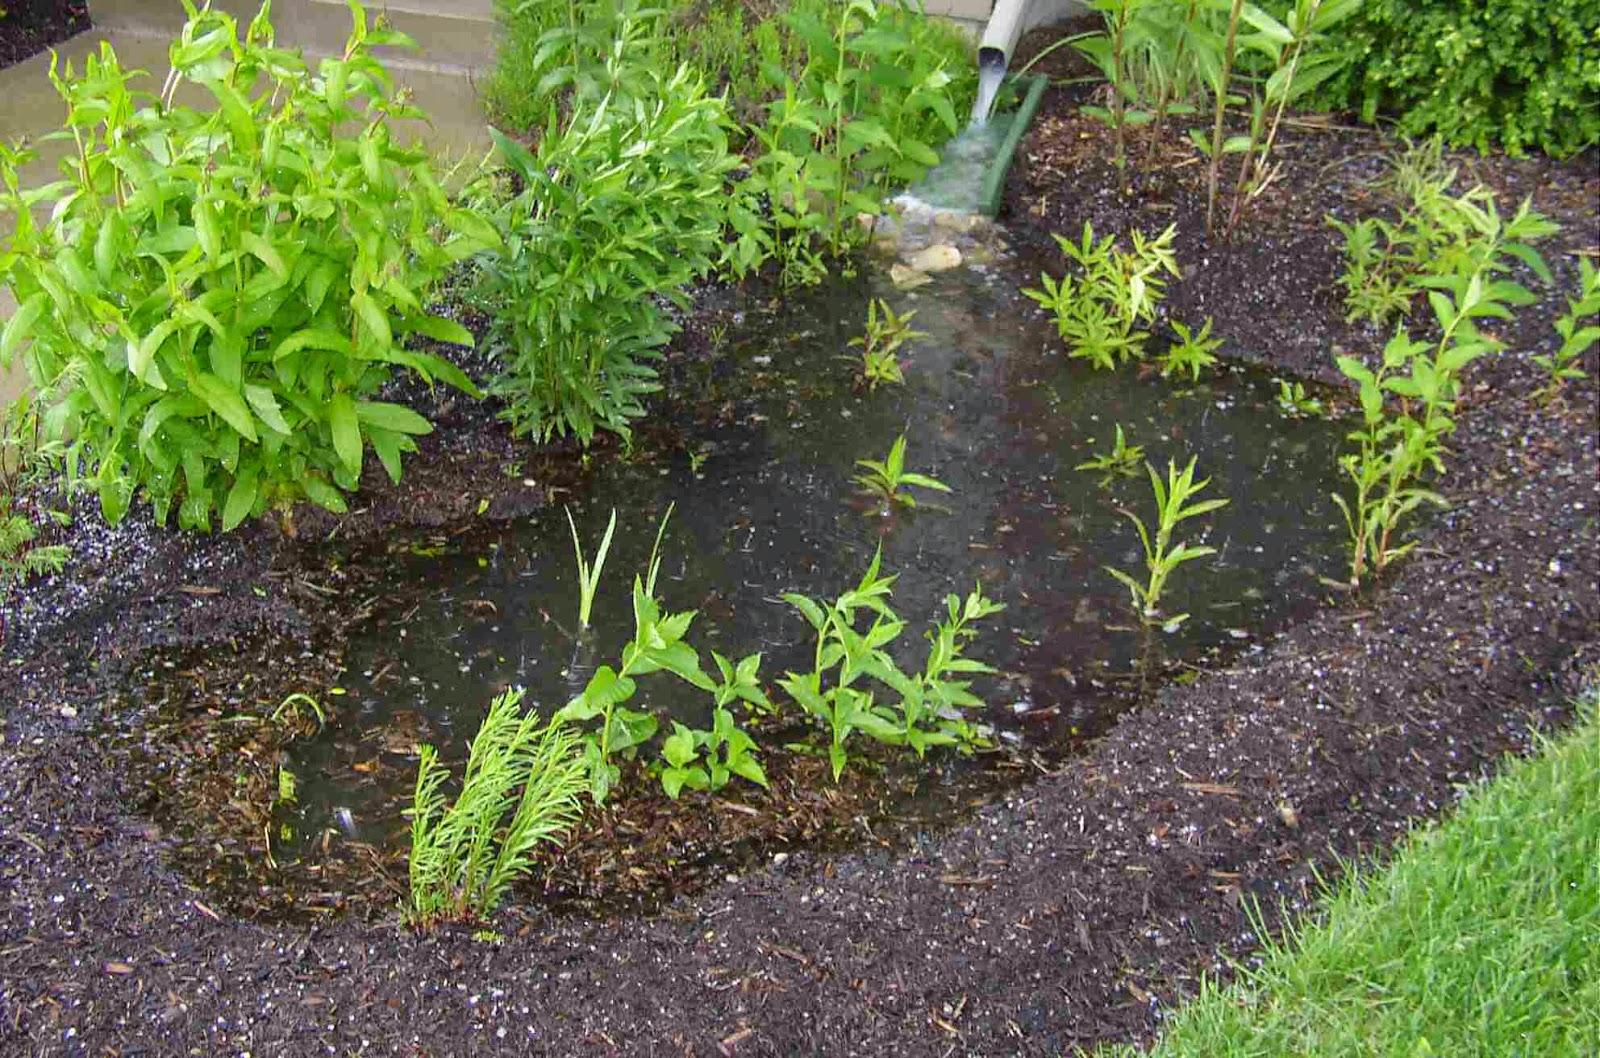 al incluir plantas nativas en tu jardn invitaras mariposas pjaros e insectos que pueden ayudar a controlar la cantidad de